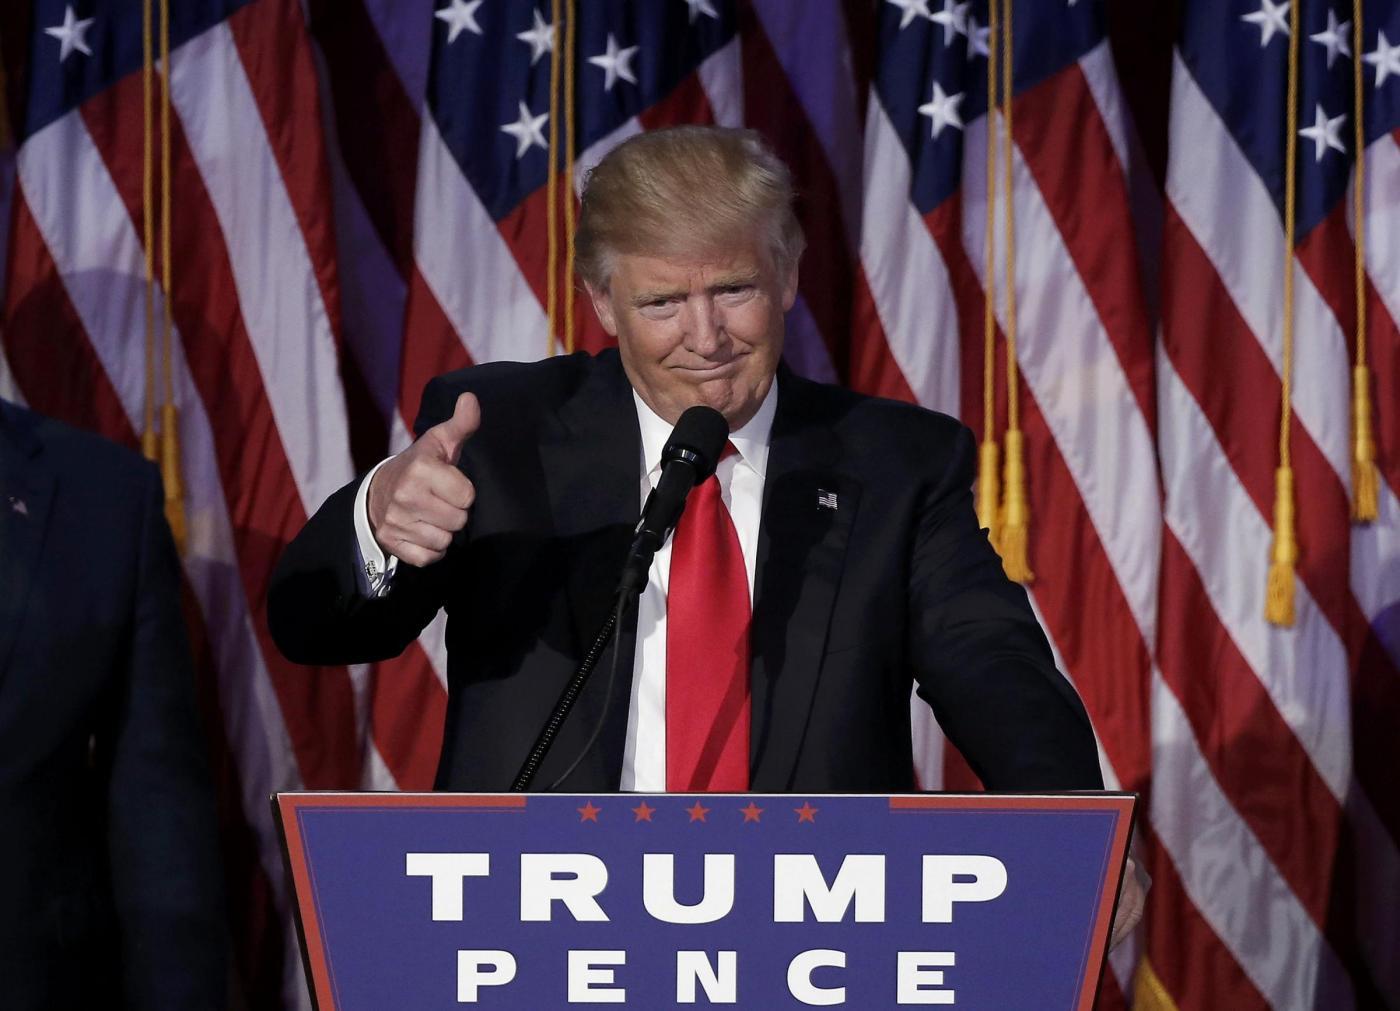 Usa 2016, Donald Trump presidente Stati Uniti: il suo primo discorso